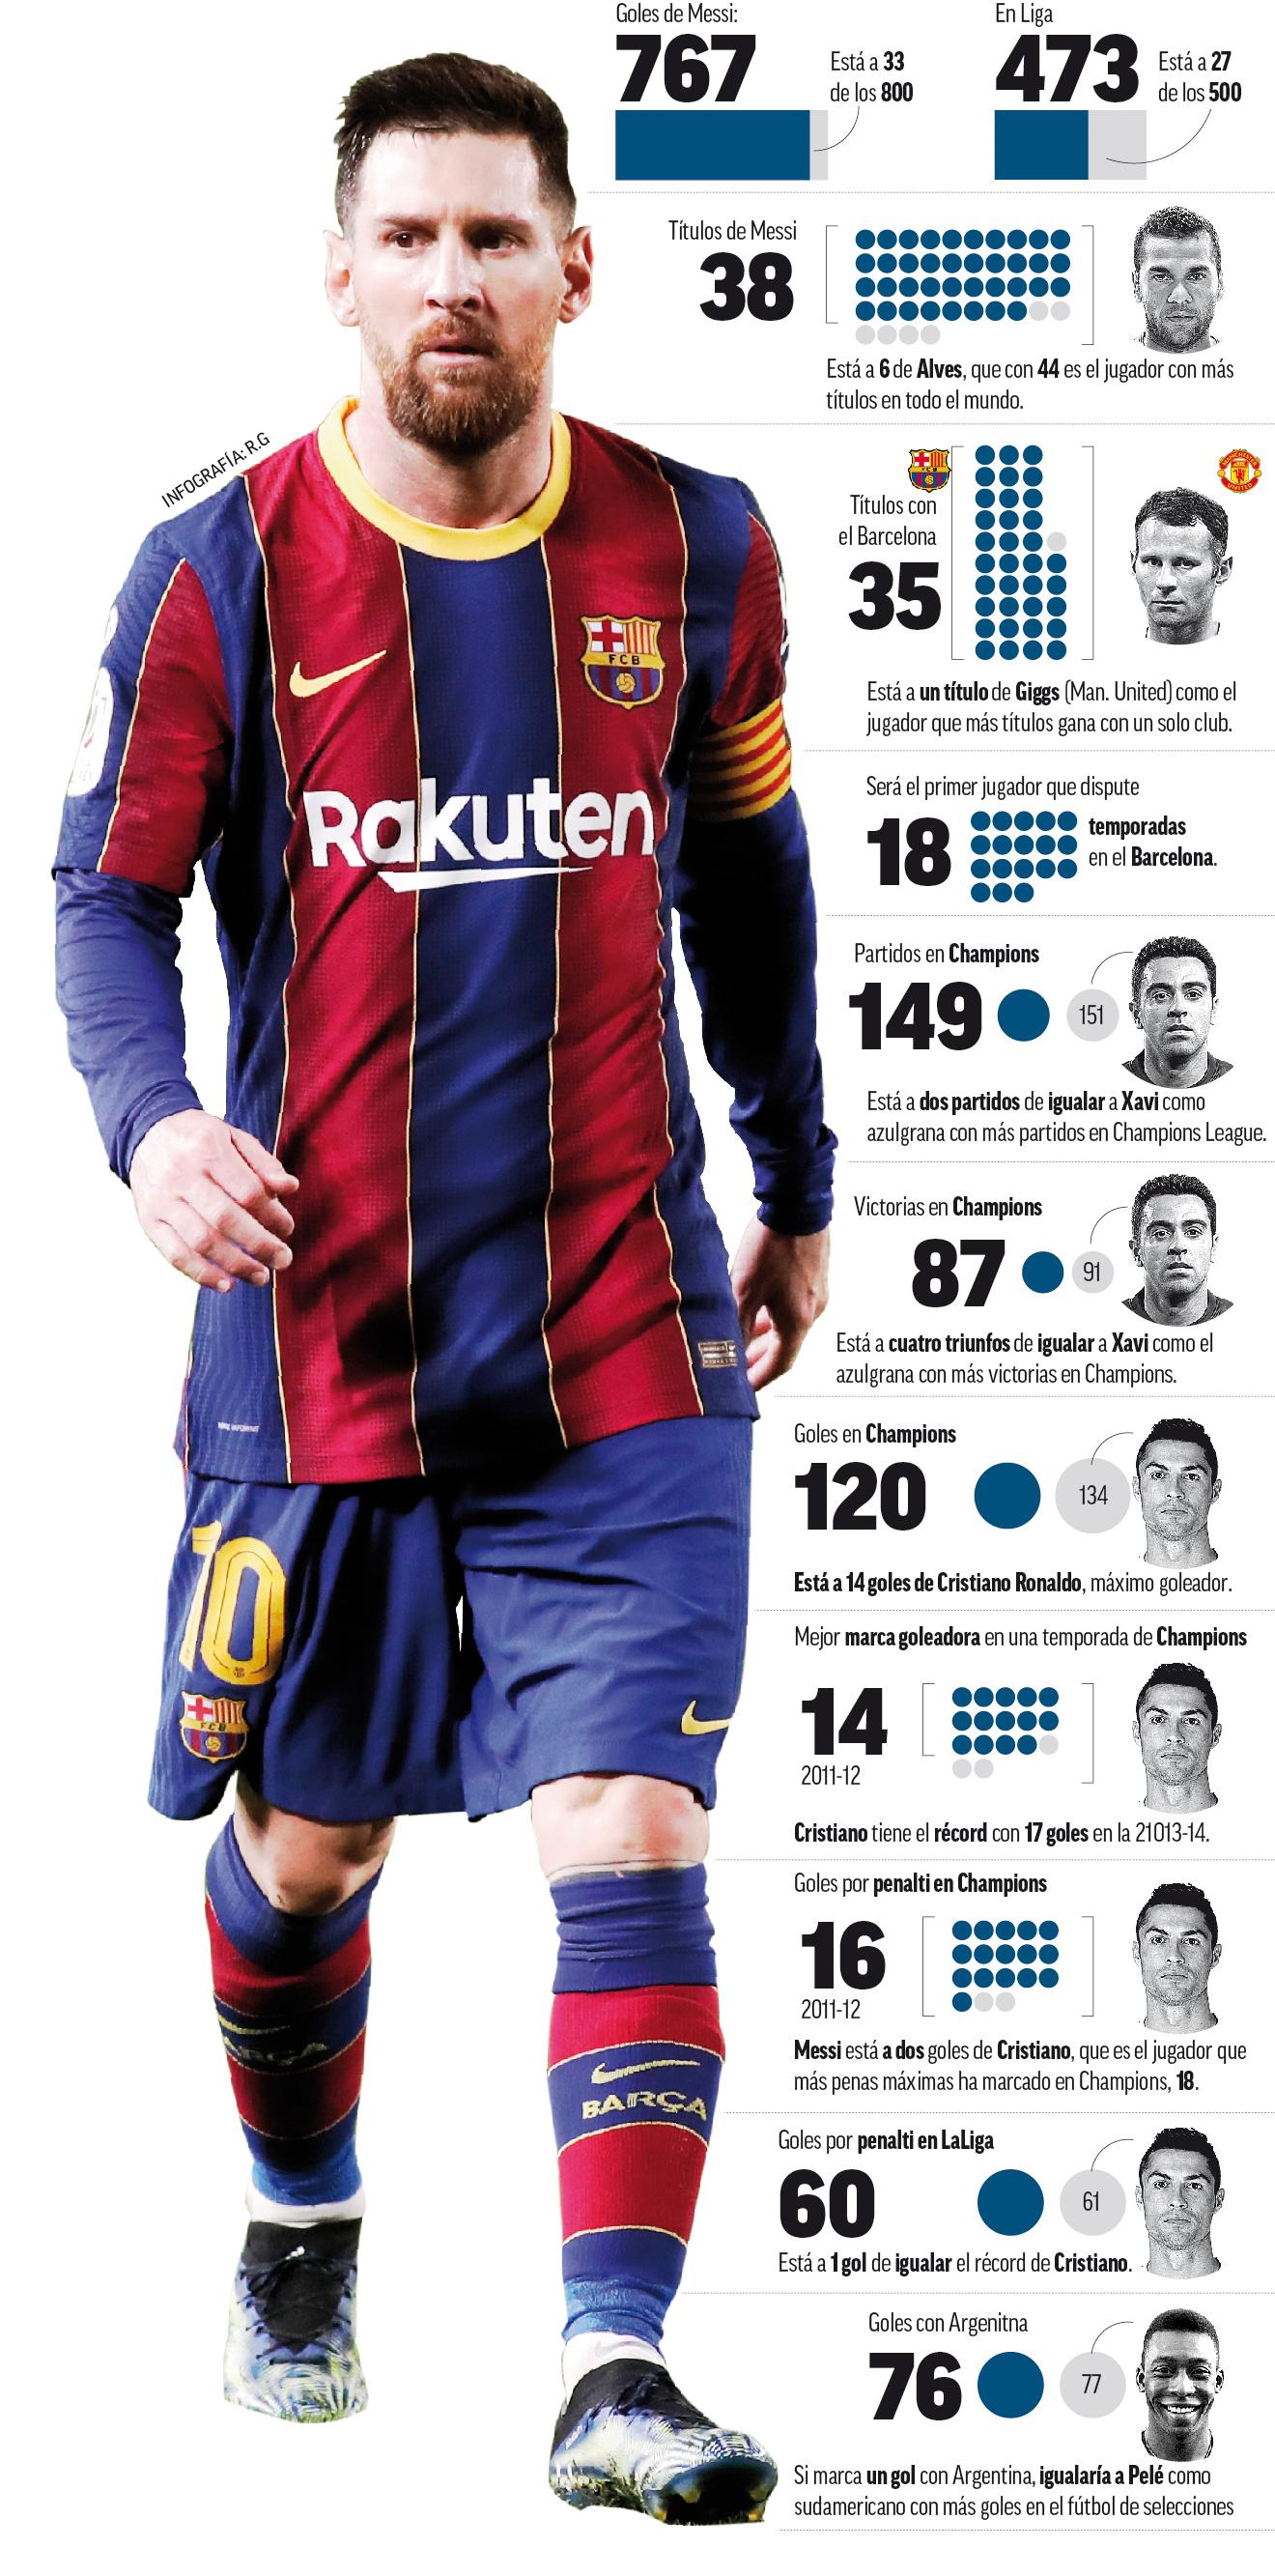 ¿Qué le falta a Messi por lograr con el Barcelona?